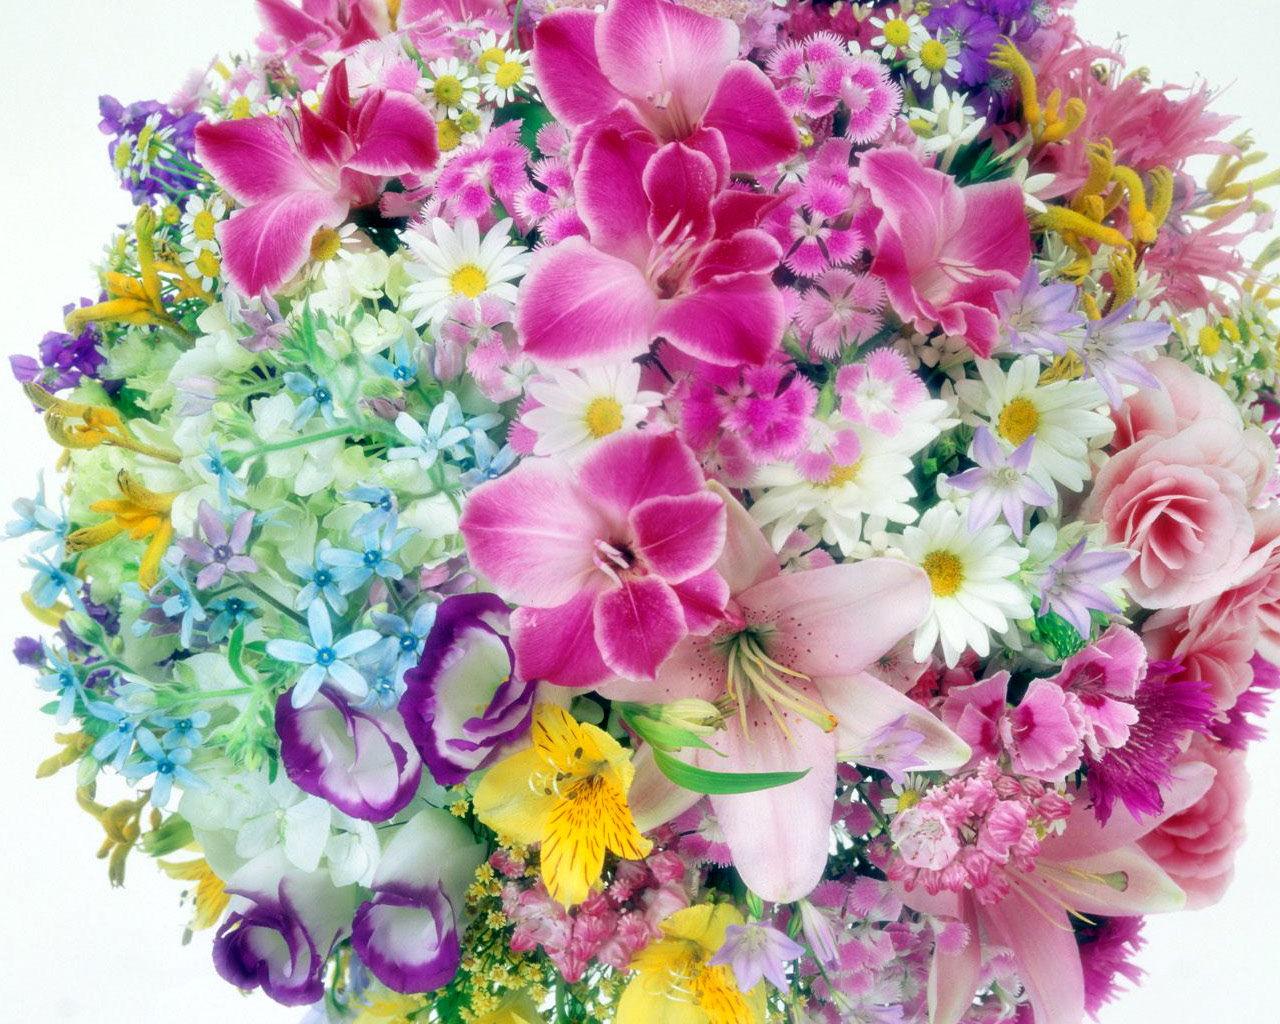 http://dreempics.com/img/picture/Apr/18/d50148f0b84f2287acff54a517bd1b56/4.jpg